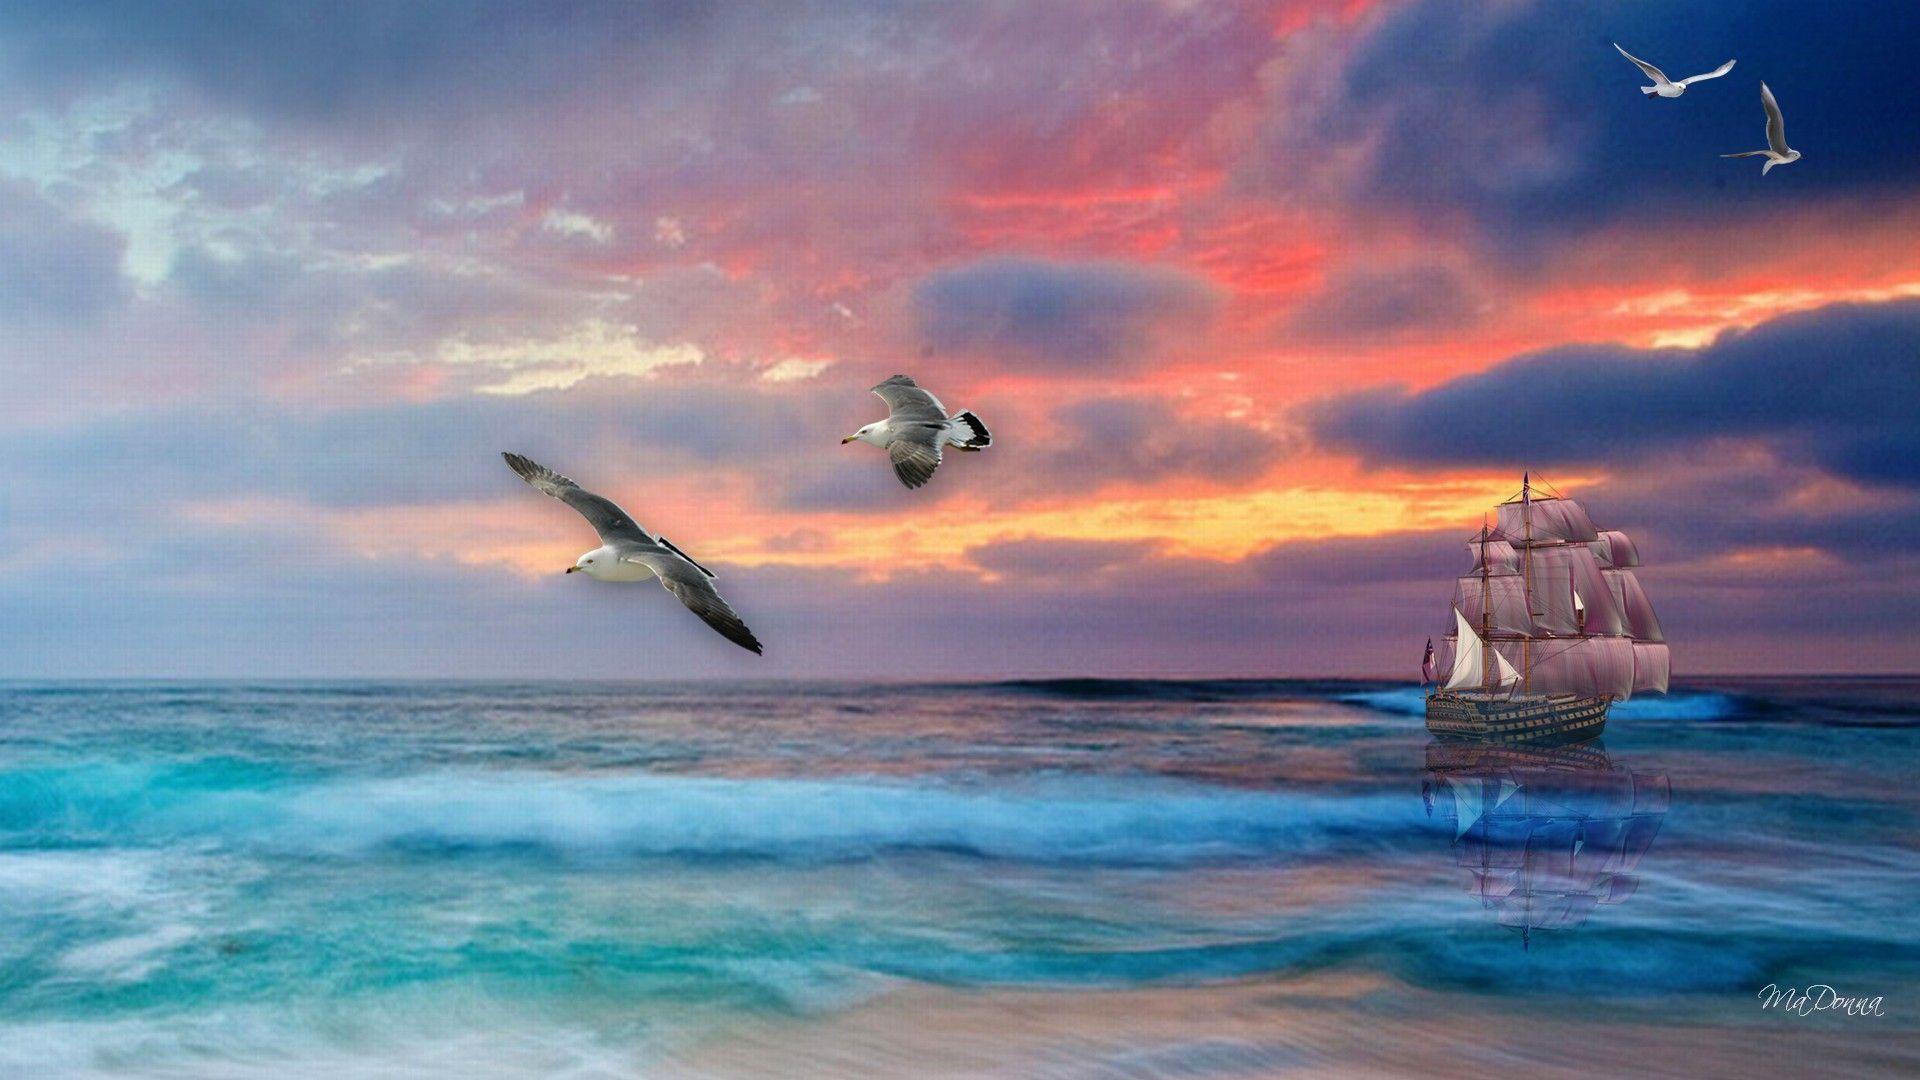 Sail Boat Sailing Sea Sunset Tall Ship Full Hd Wallpaper